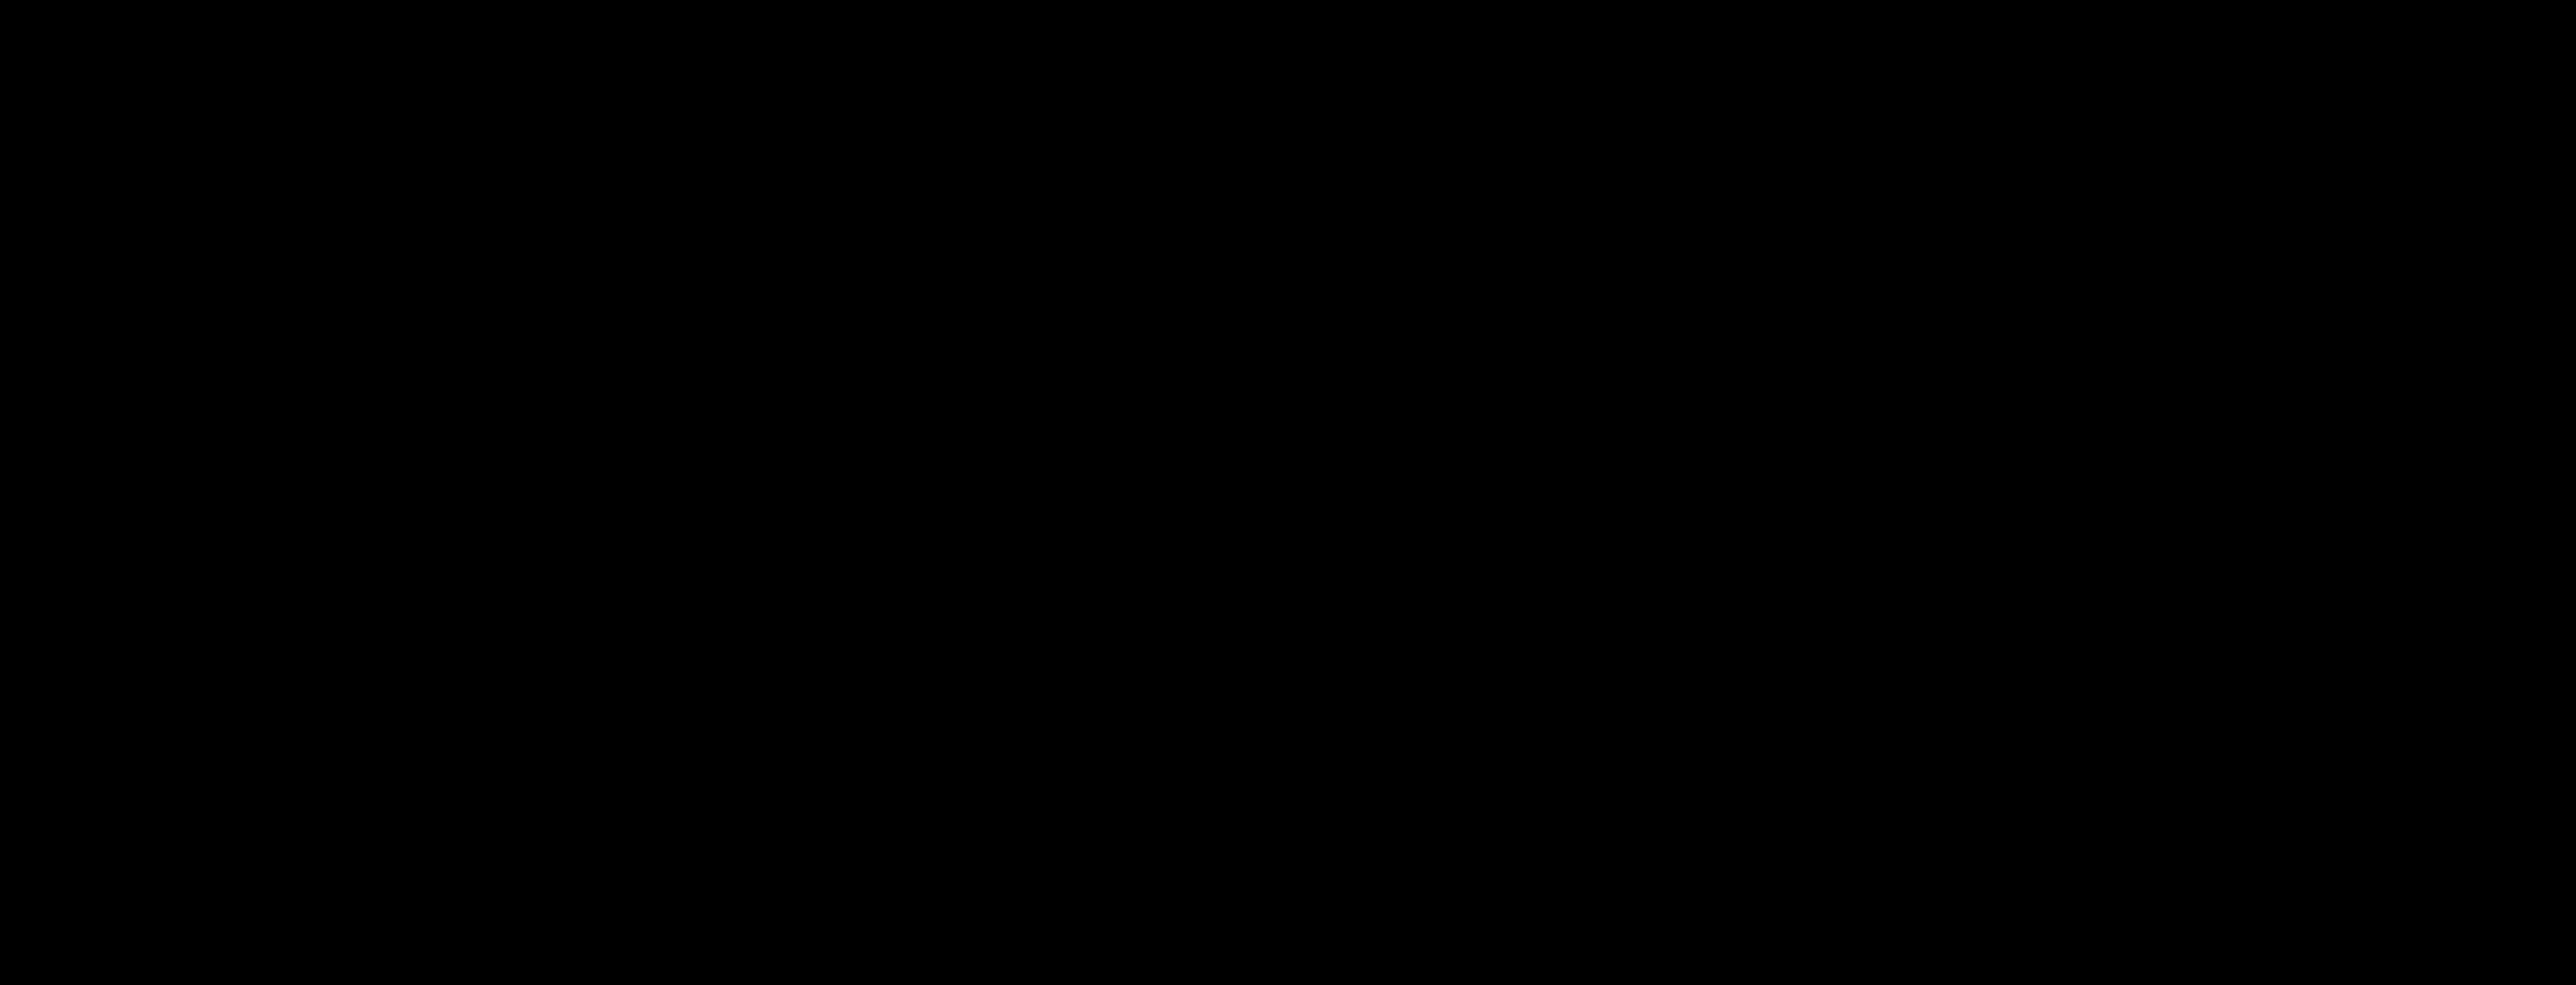 Ostfriesische Inseln Karte - Karte Deutschland Ostsee